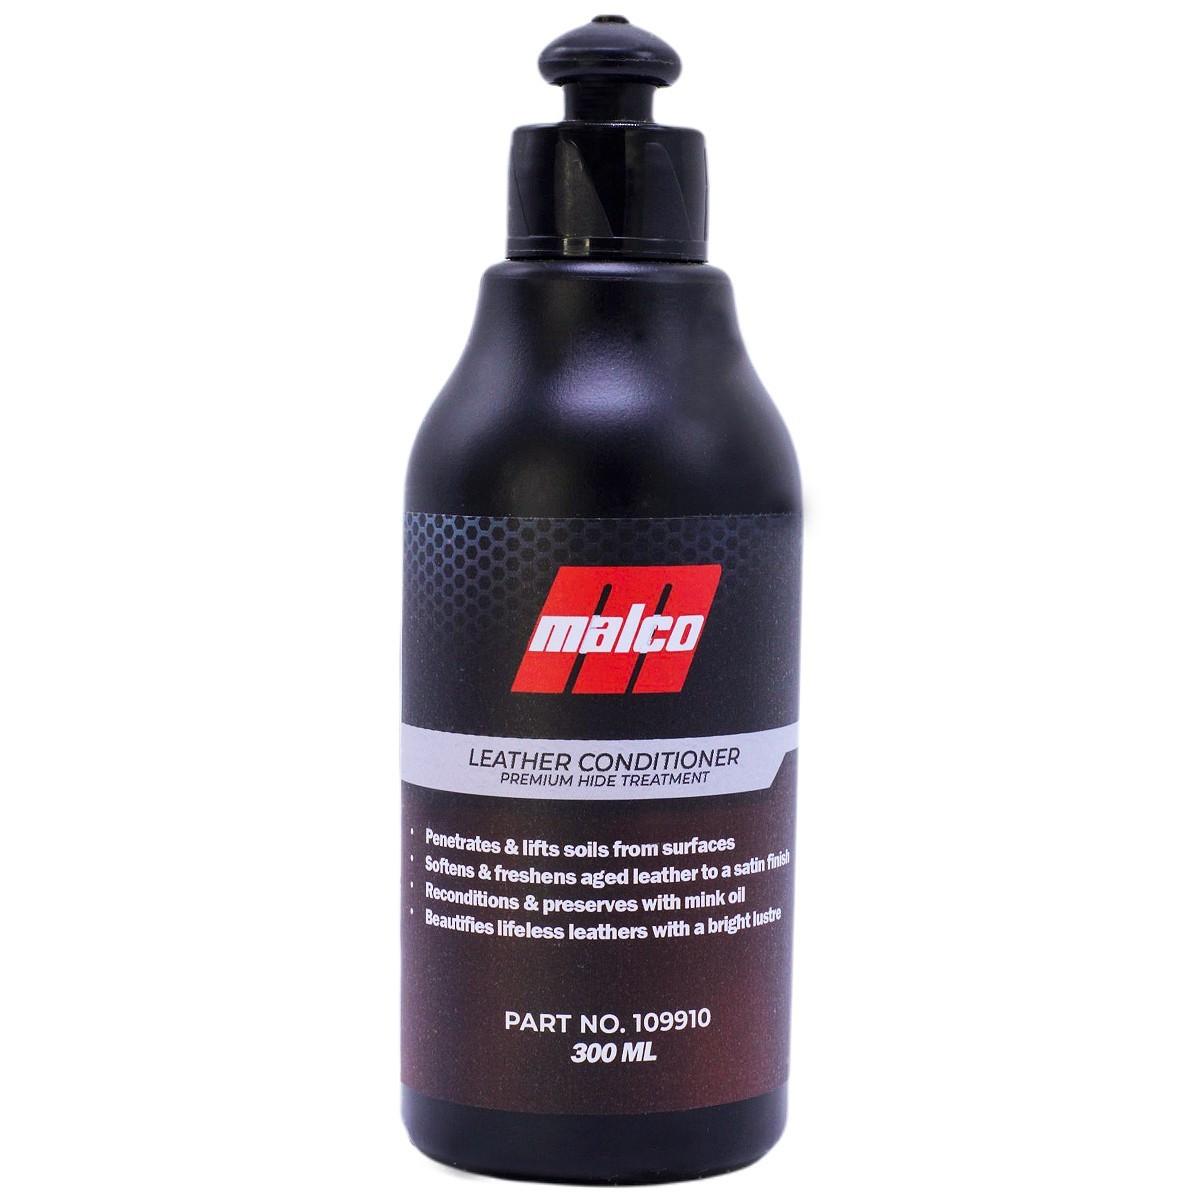 Hidratante de Couro Leather Conditioner 300ml Malco